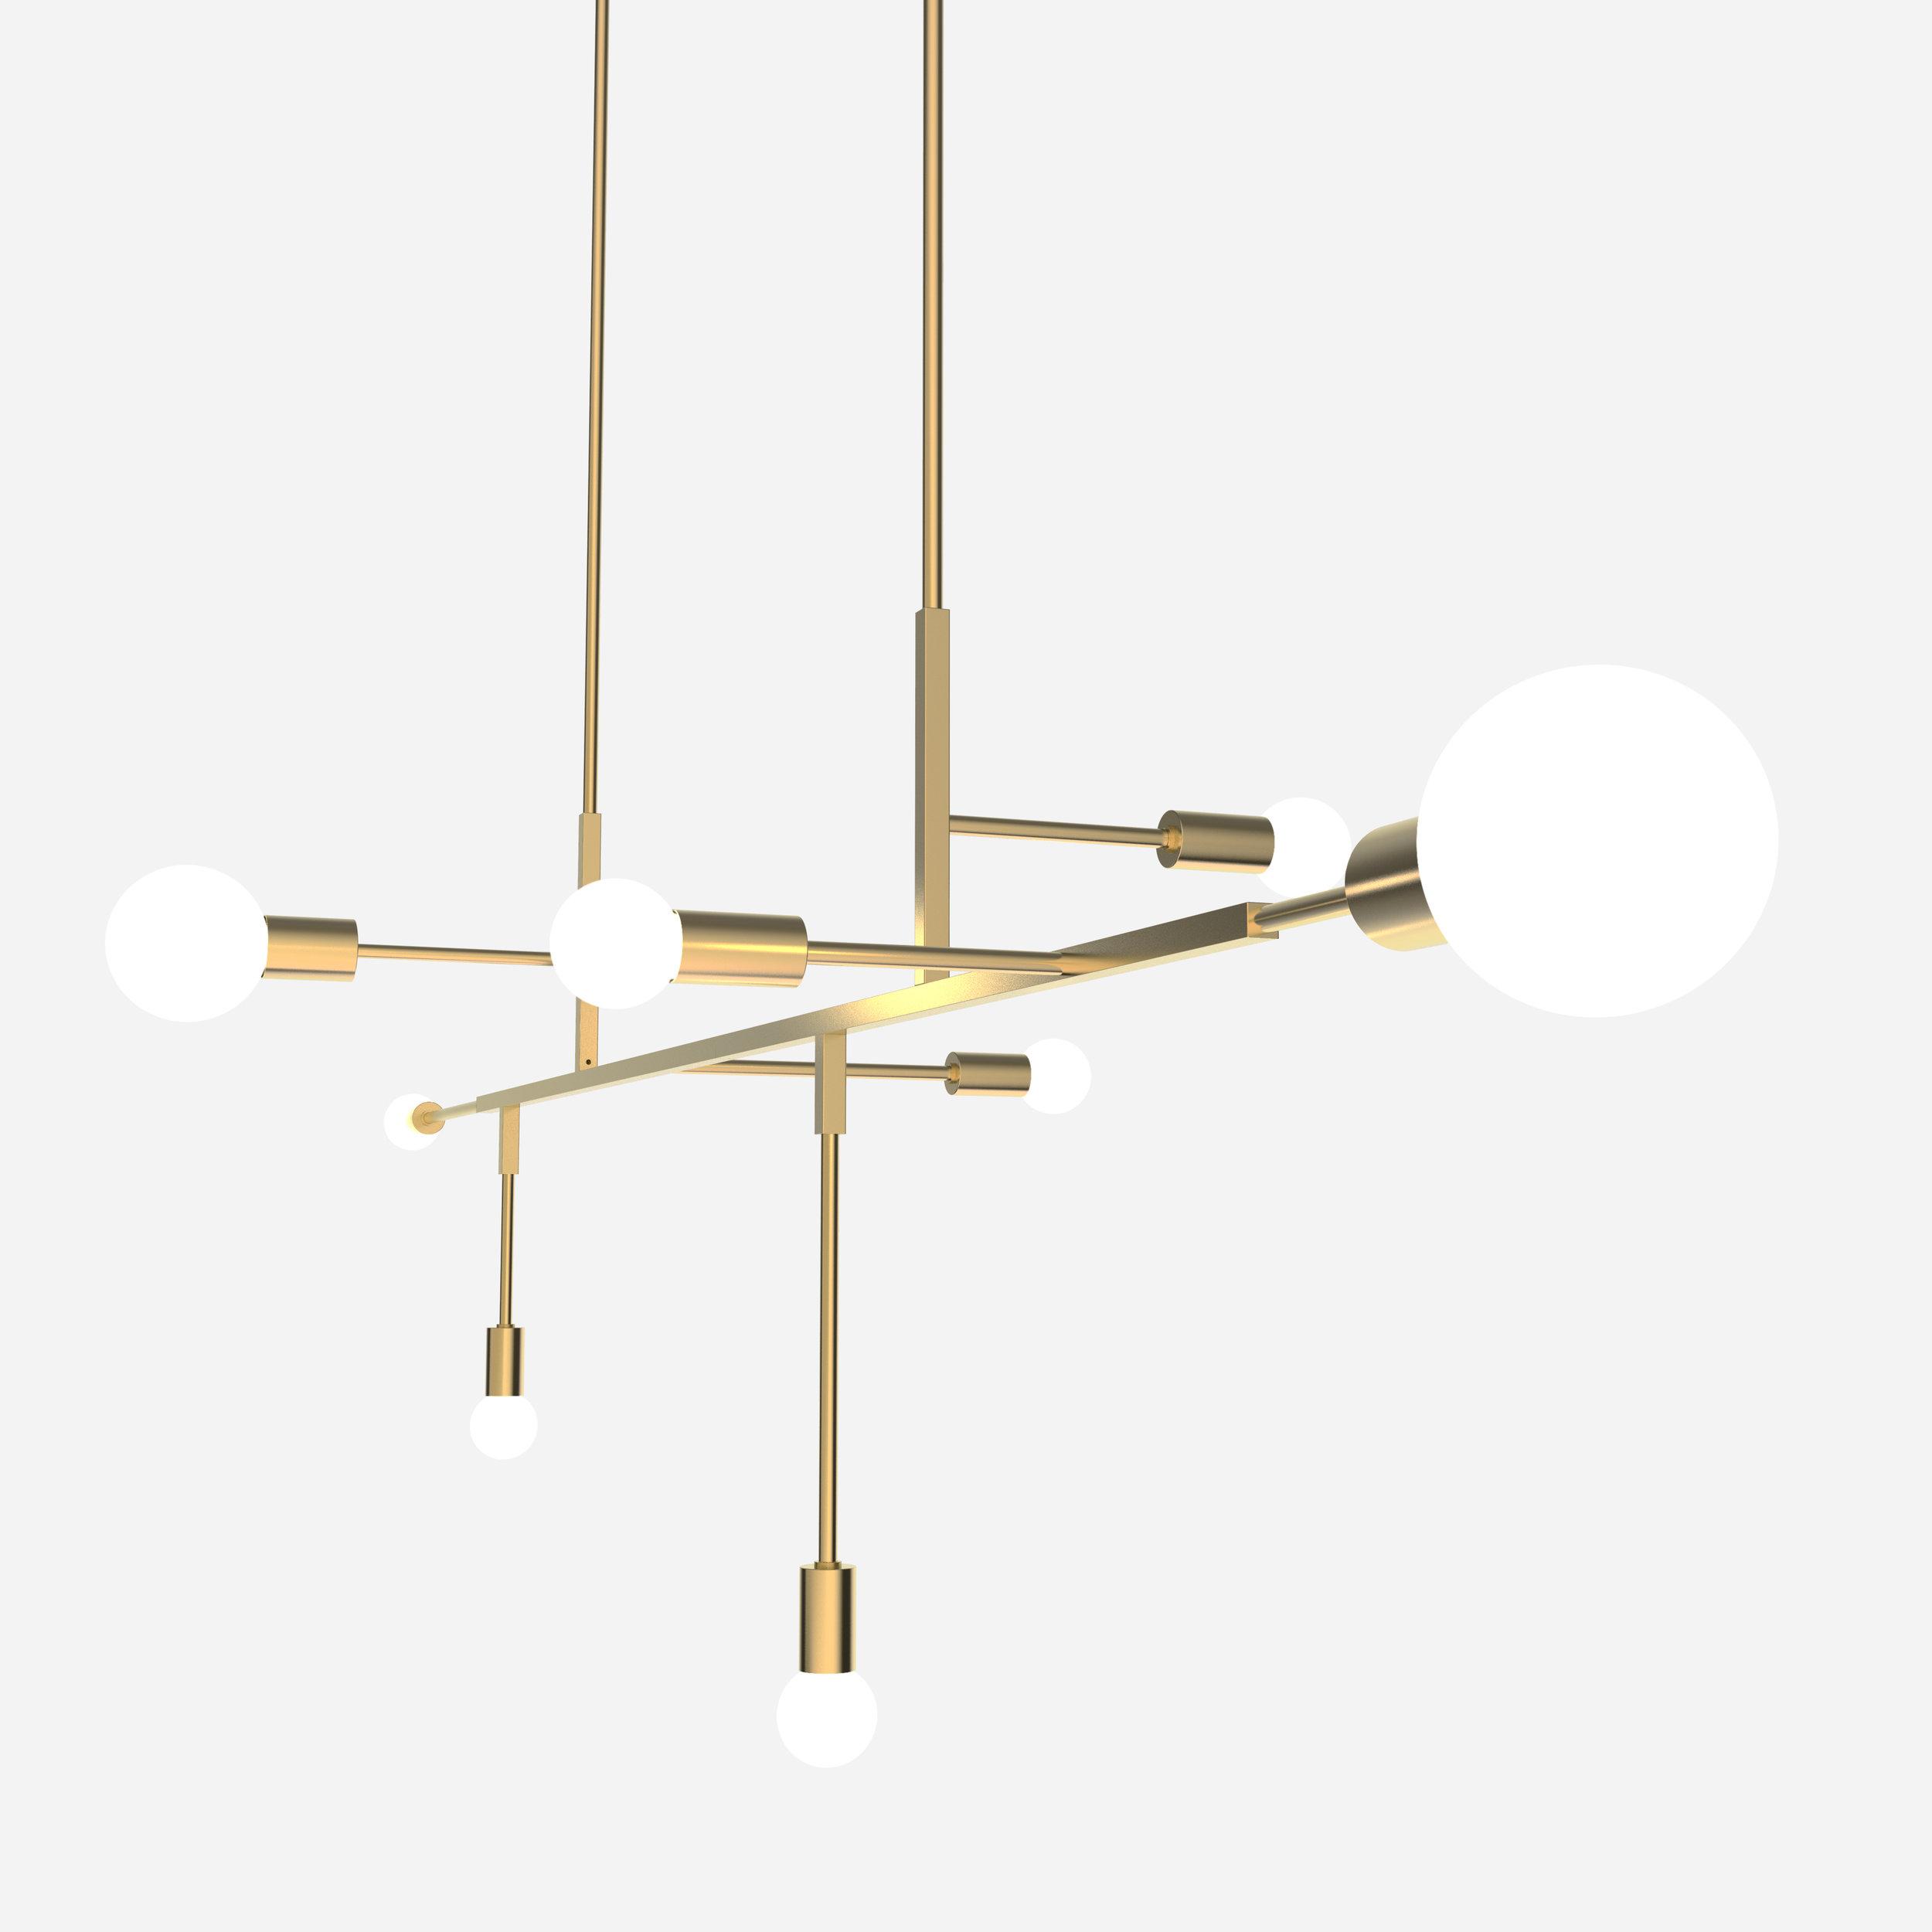 lambert_et_fils_cliff_07_suspension_lamp_gestalt_new_york.jpg.jpg